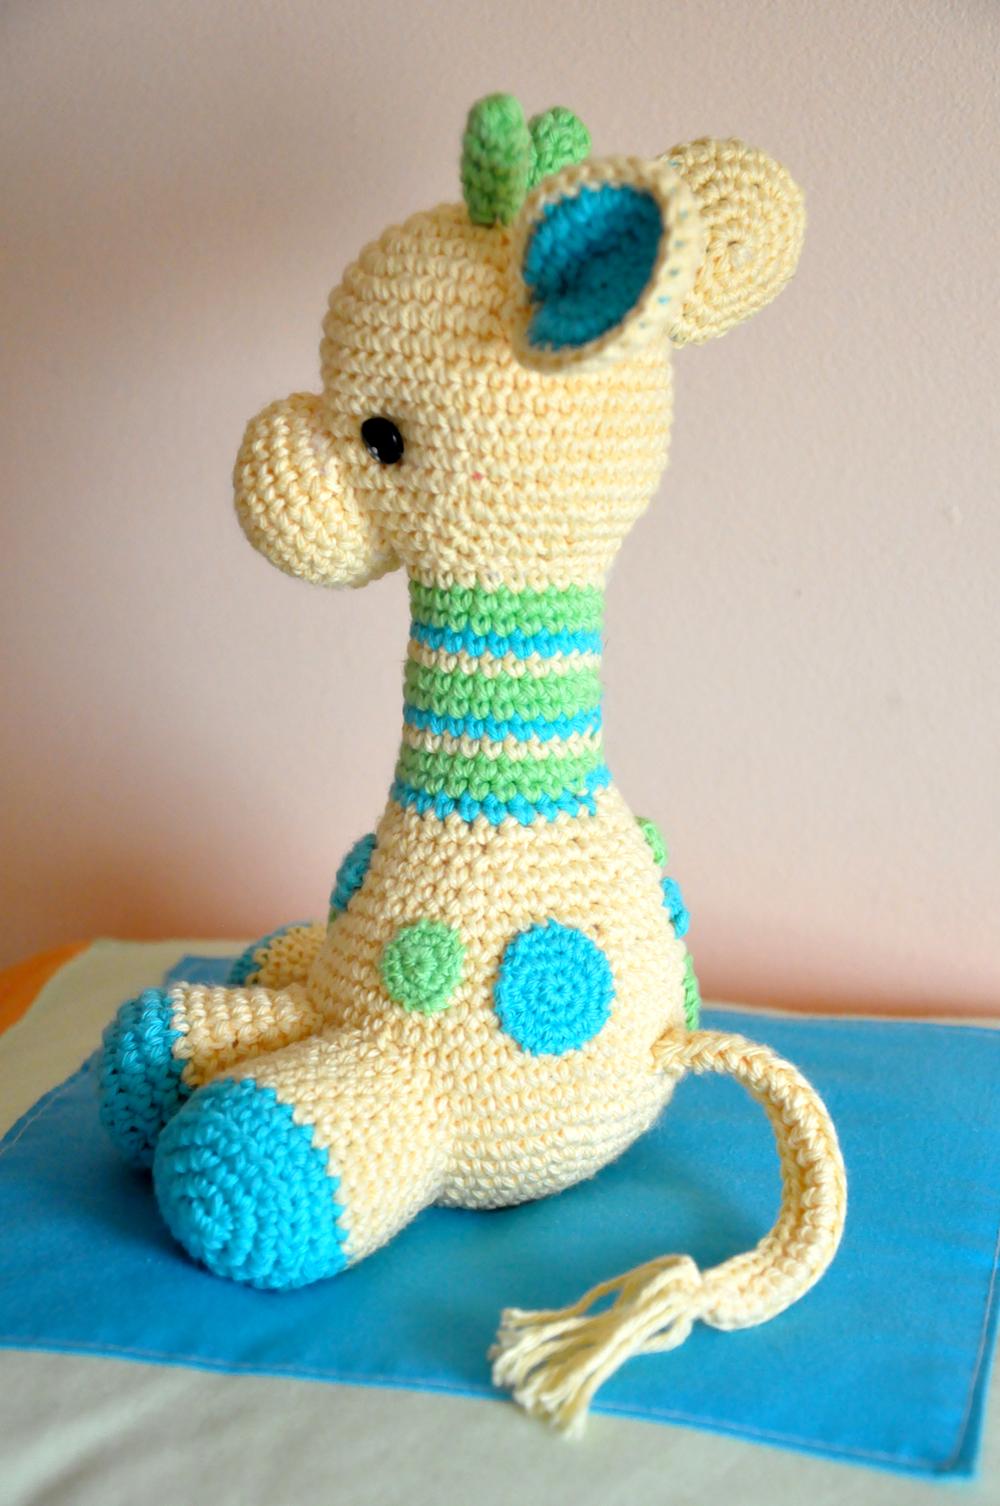 RatiTejedores – patron de jirafa bebe – Her Crochet – BuzzTMZ en 2020 | 1506x1000